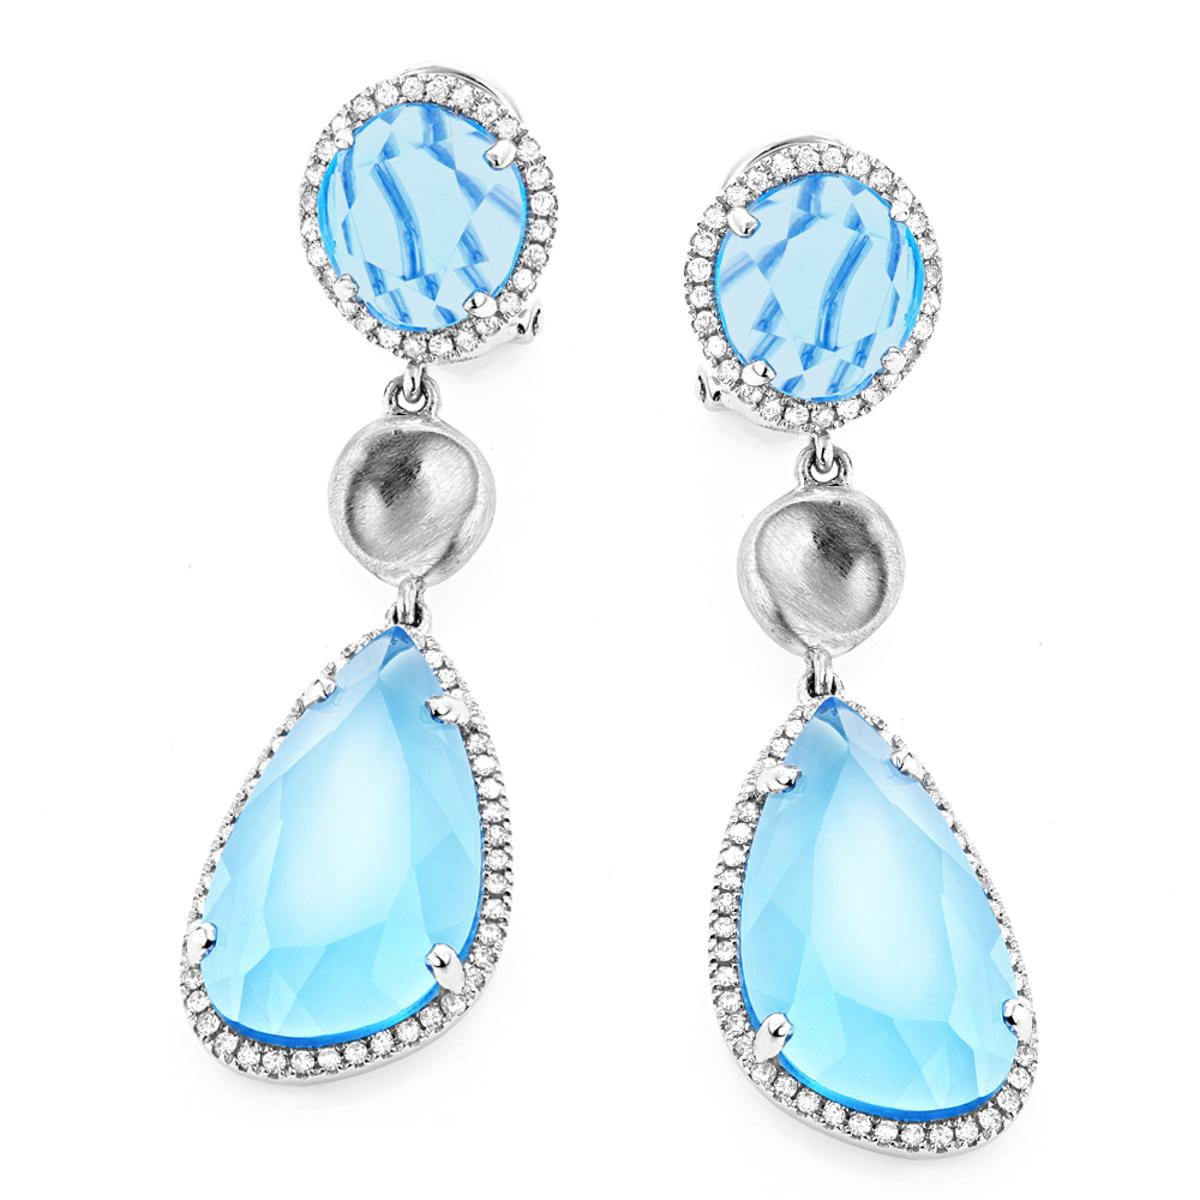 Unique 14K Blue Topaz Ladies Diamond Drop Earrings 0.64ct